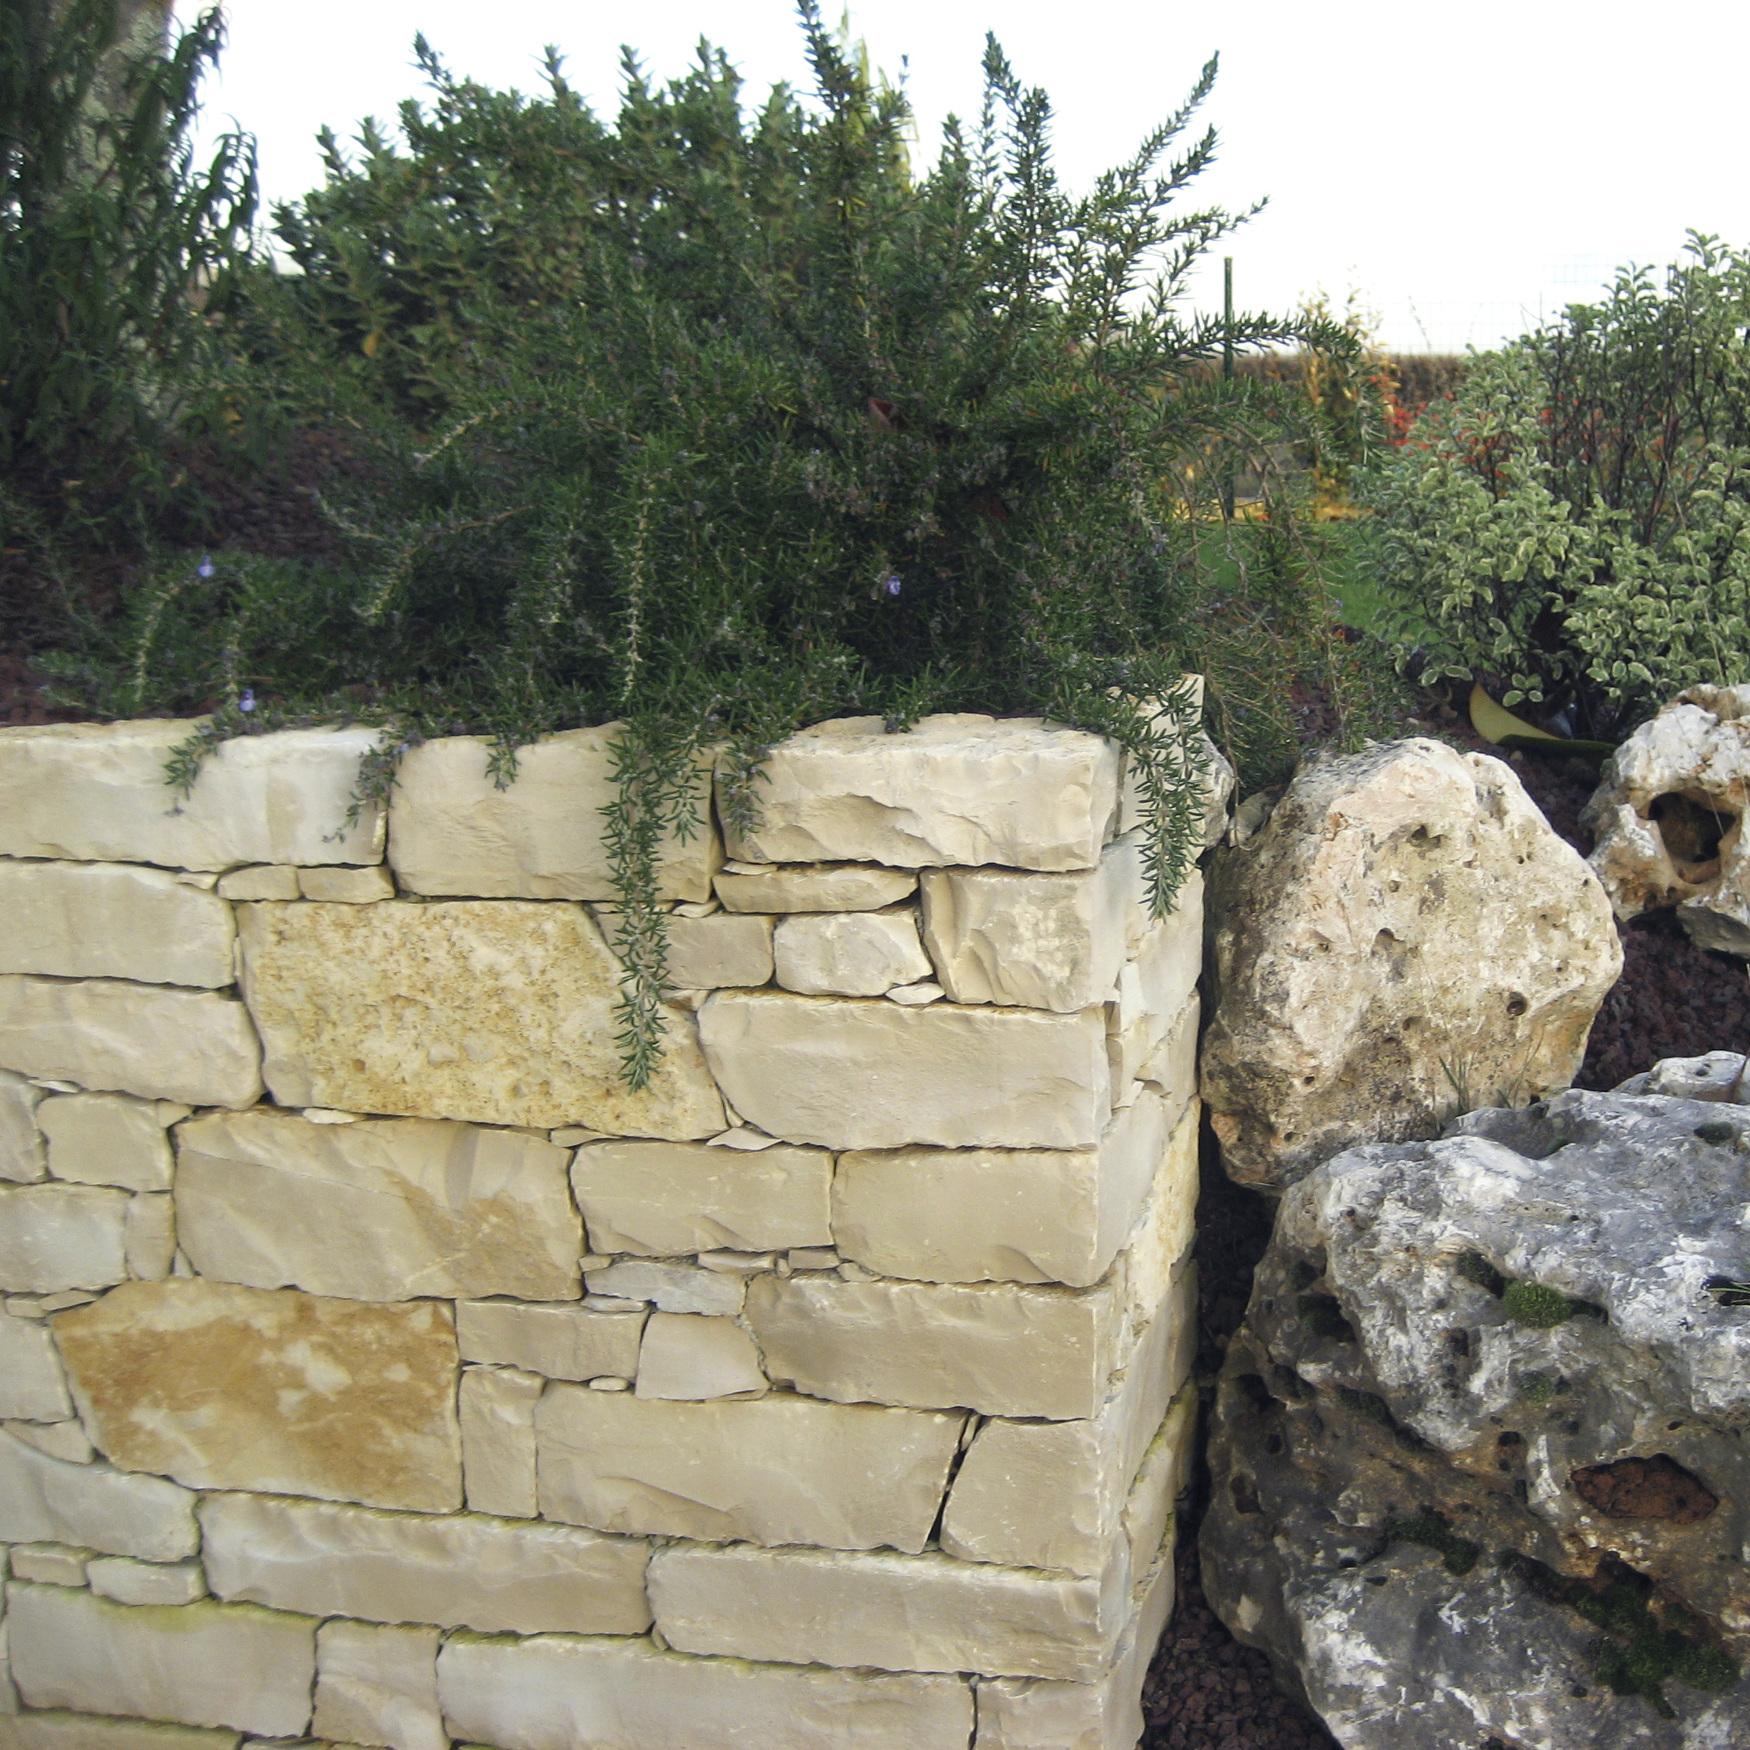 Pierre De L Yonne muret d'ornement - pierre-et-paysage